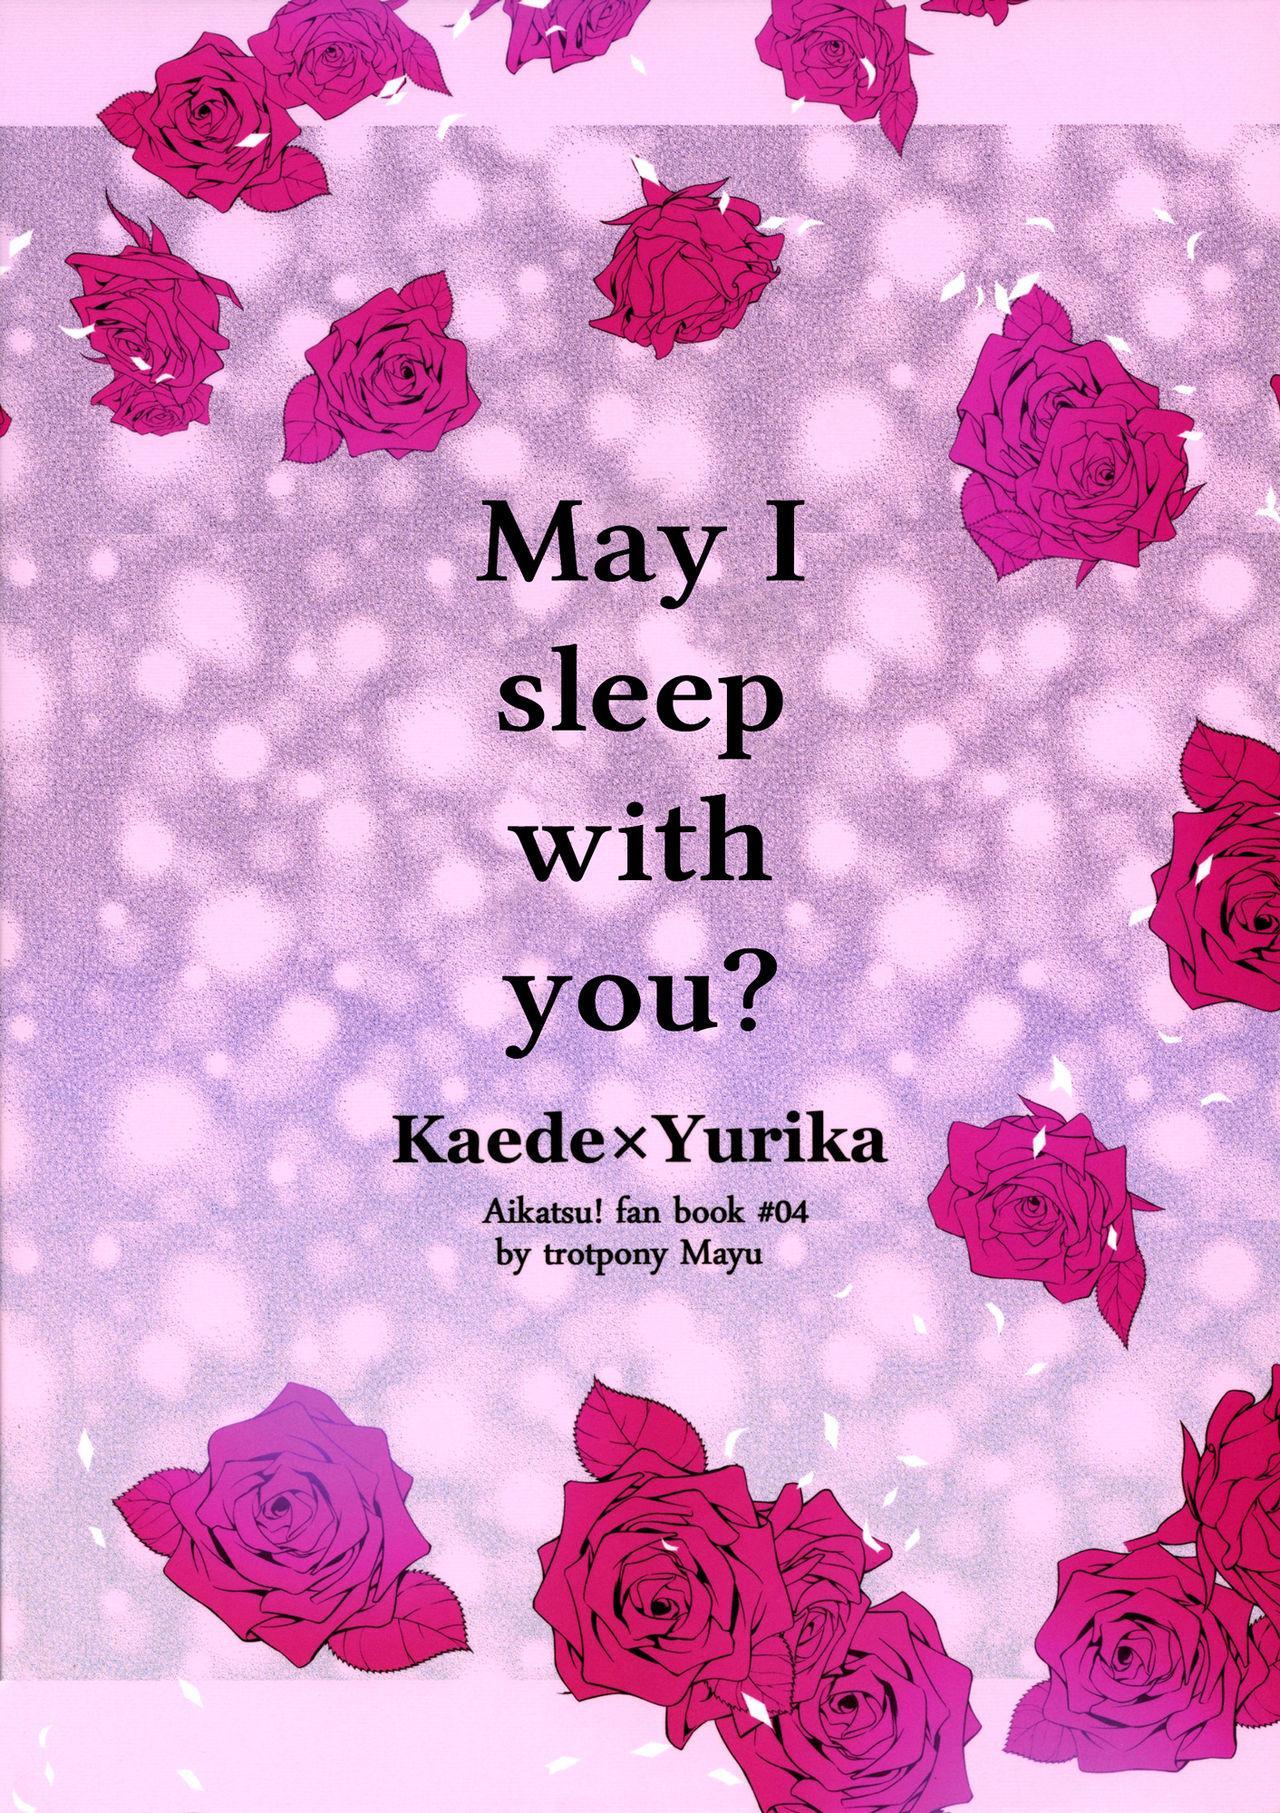 Issho ni Nete mo Ii desu ka? | May I sleep with you 1